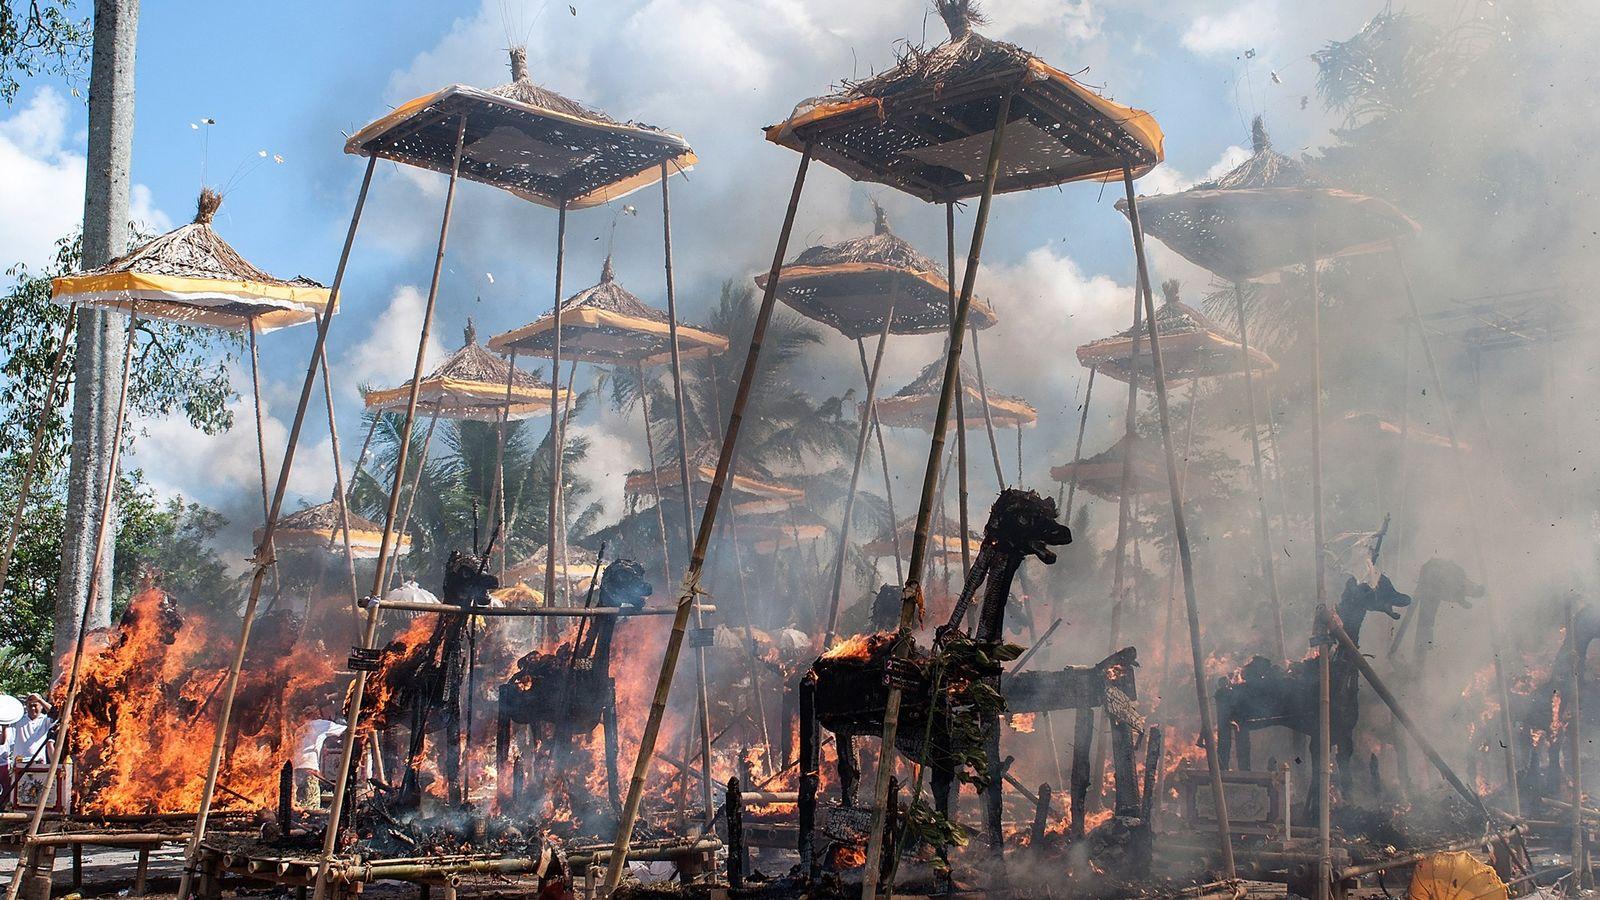 Incineración hindú